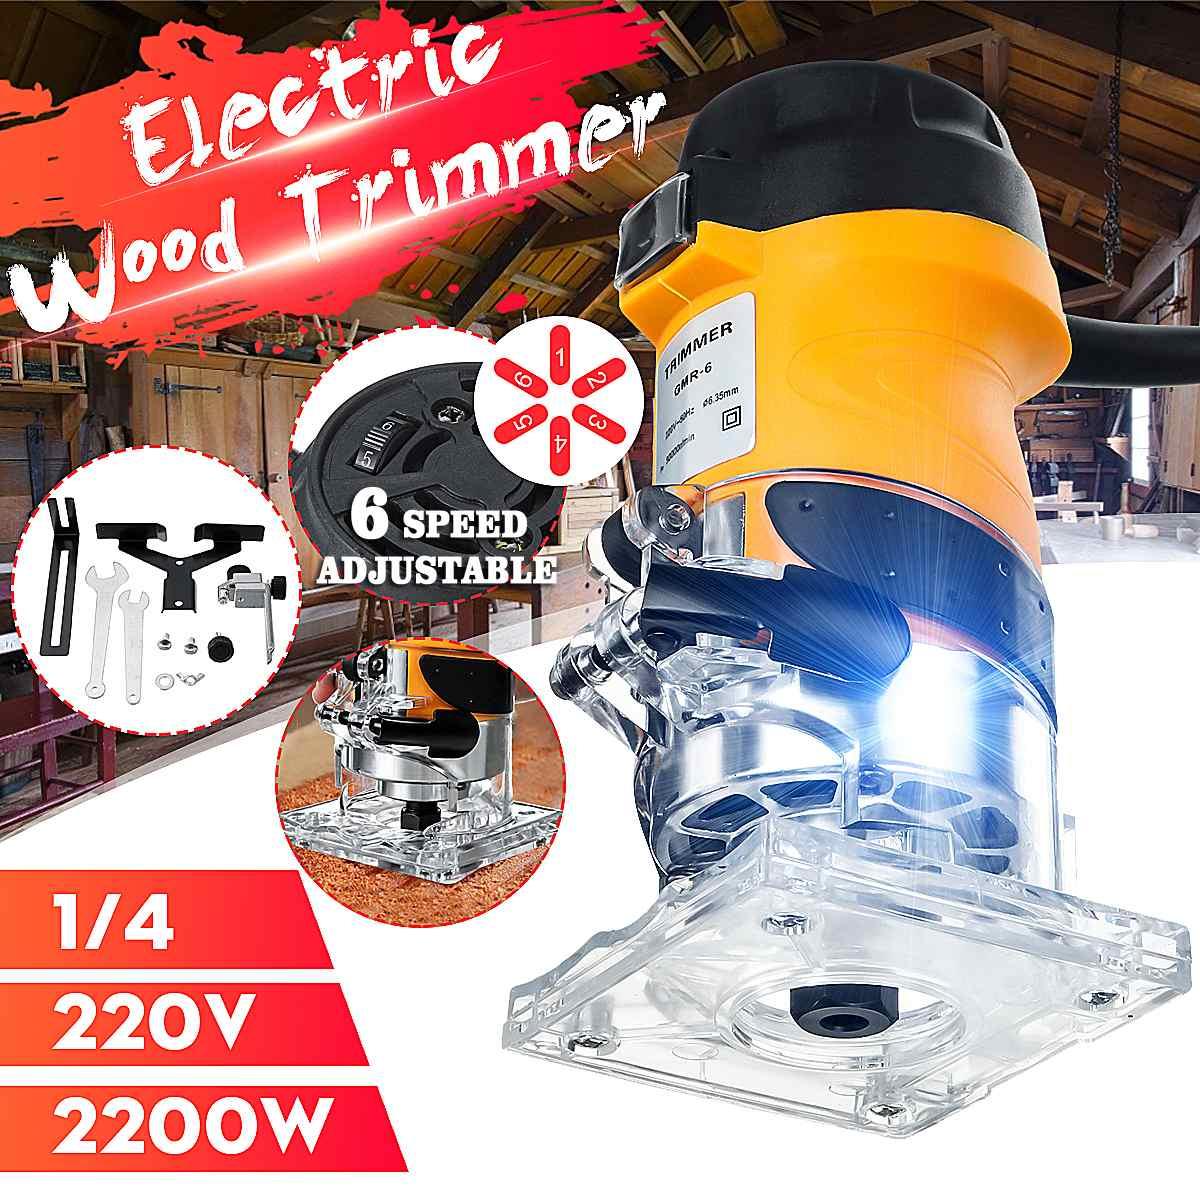 DOERSUPP 2200 واط 33000r/دقيقة 6 سرعات الخشب الكهربائية المتقلب النجارة مطاحن خشب اليد الكهربائية الانتهازي الخشب تغليف راوتر